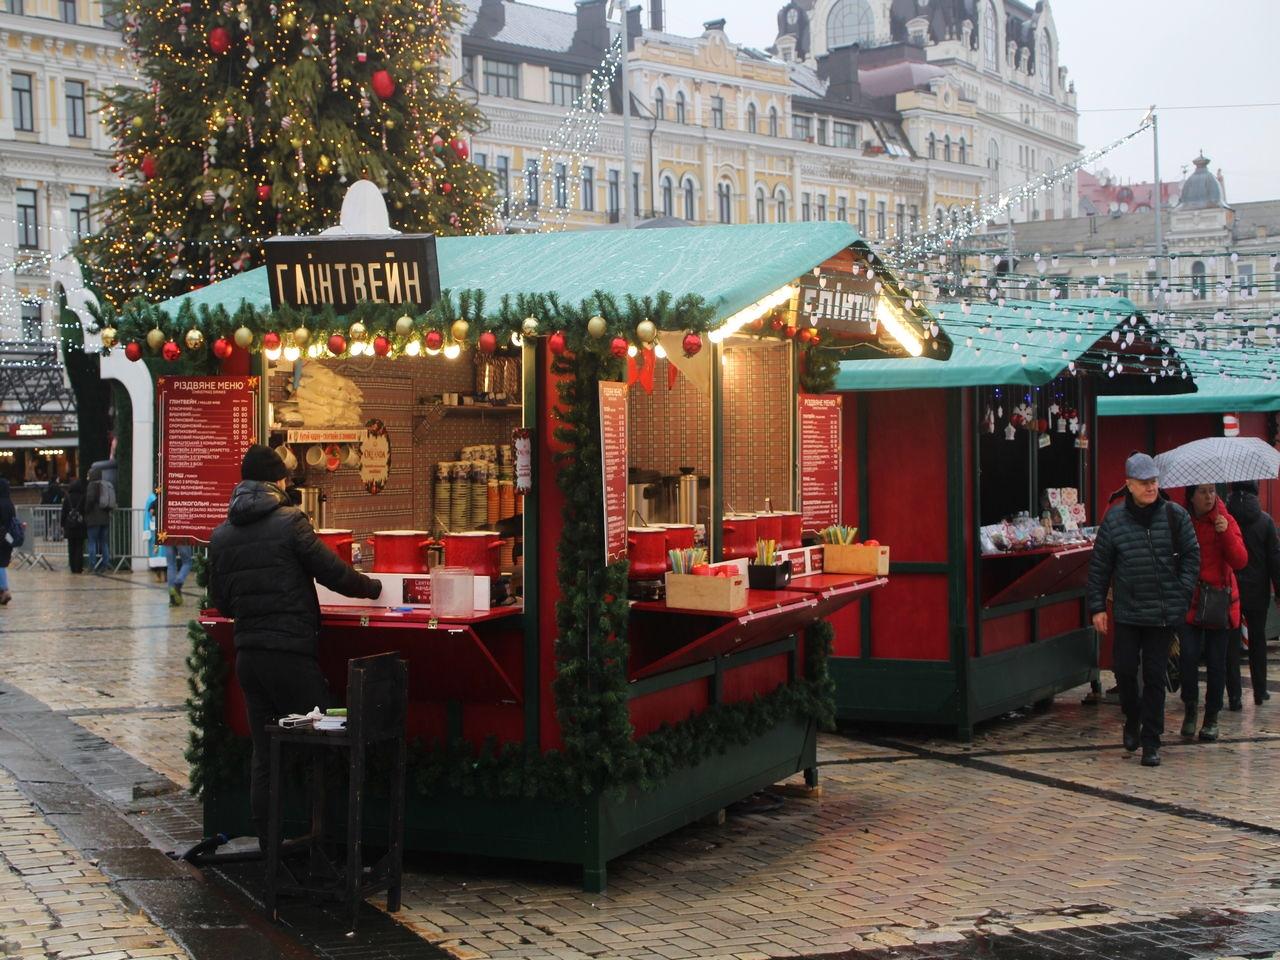 A finales de diciembre las calles de Kiev se llenan de mercados navideños al aire libre.